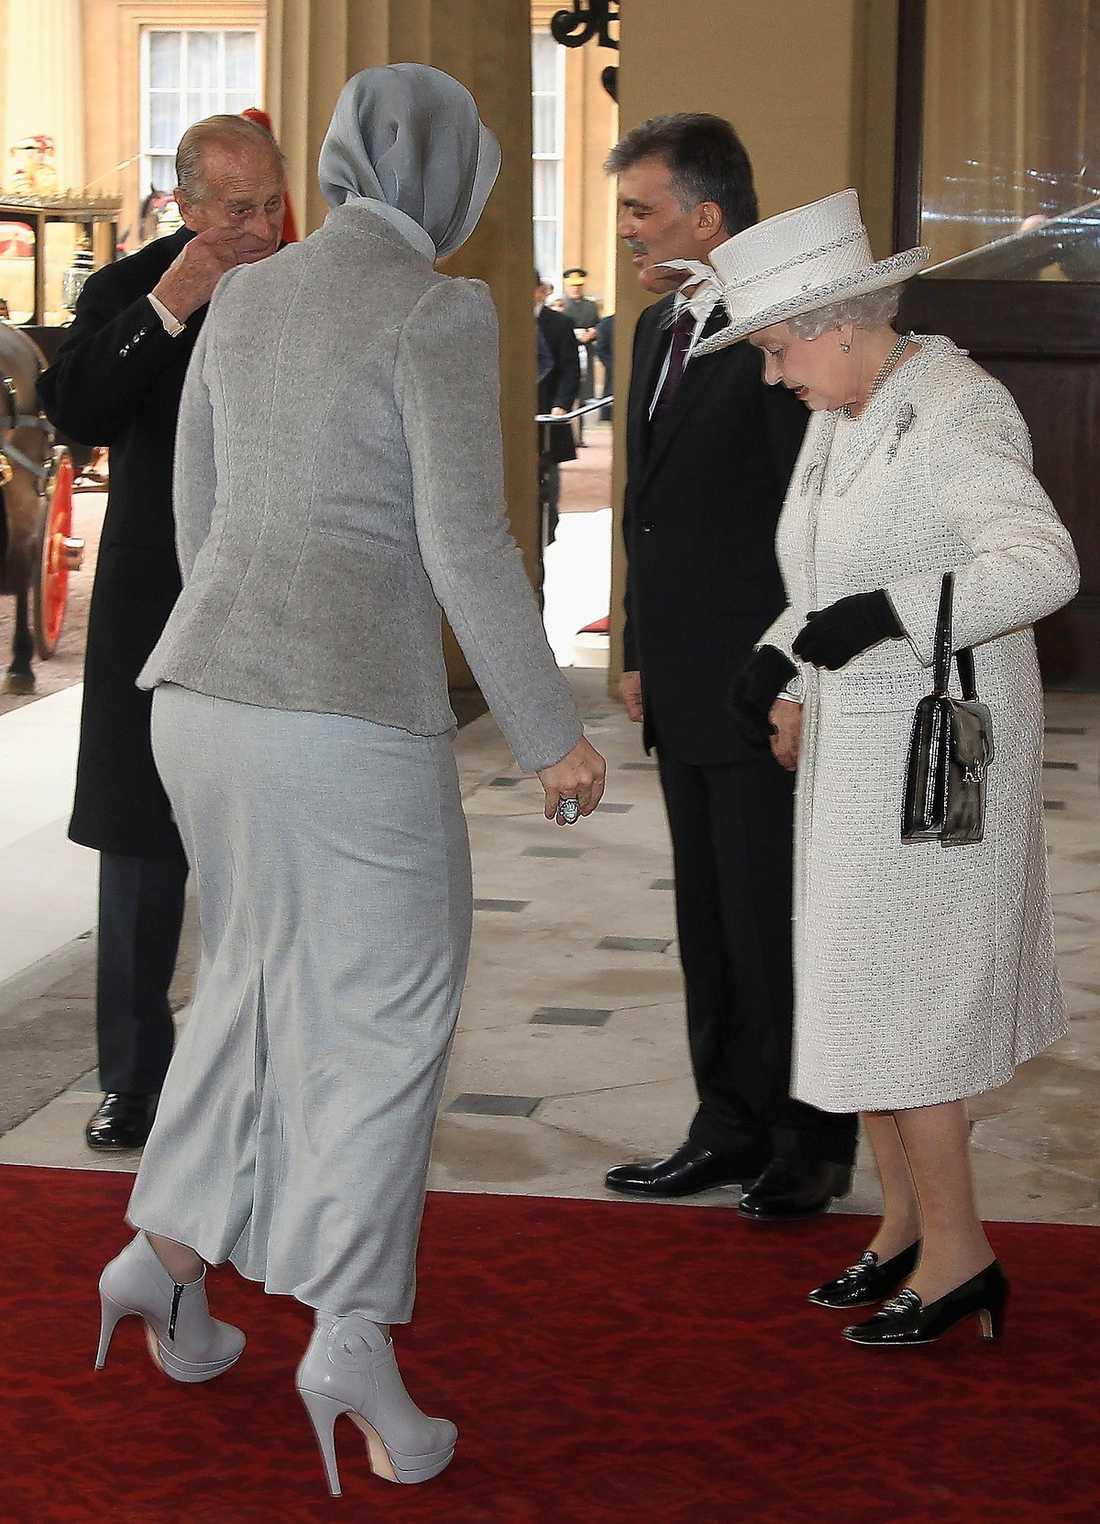 Drottning Elizabeth studerar Turkiets första dam Hayrunnisa Guls skor under ett besök i Buckingham Palace.